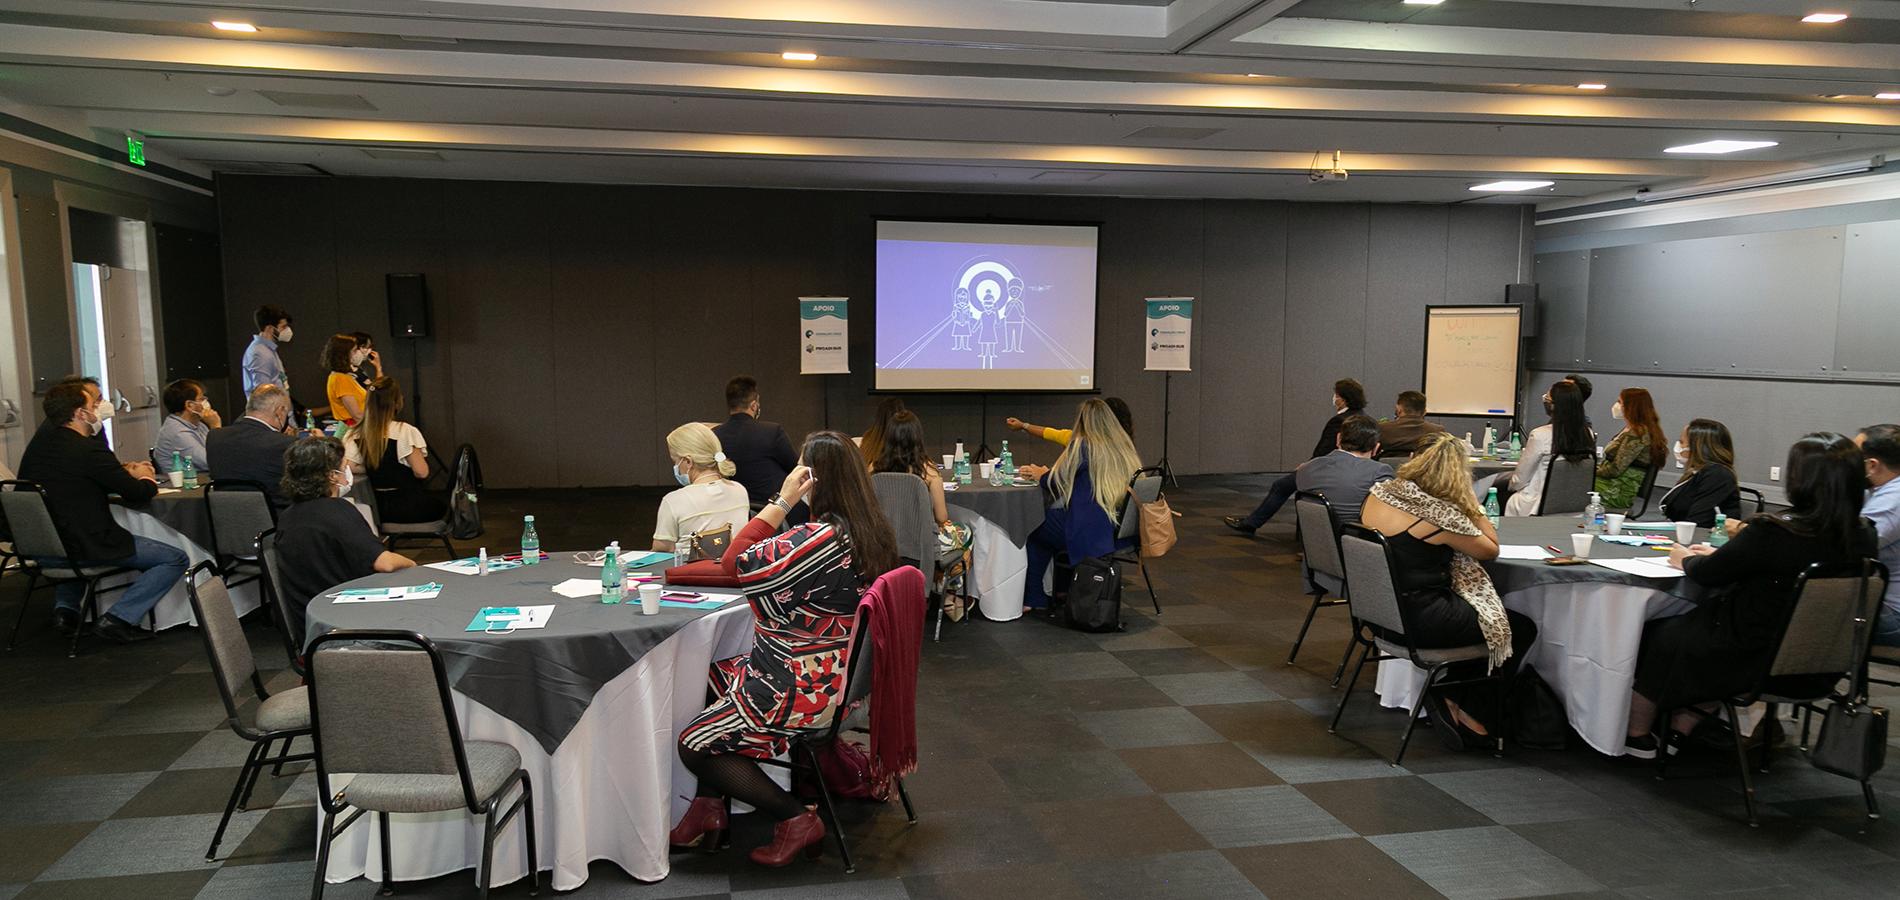 Profissionais do DATASUS participaram de Oficina de Design Thinking promovida pelo Hospital Alemão Oswaldo Cruz (HAOC)